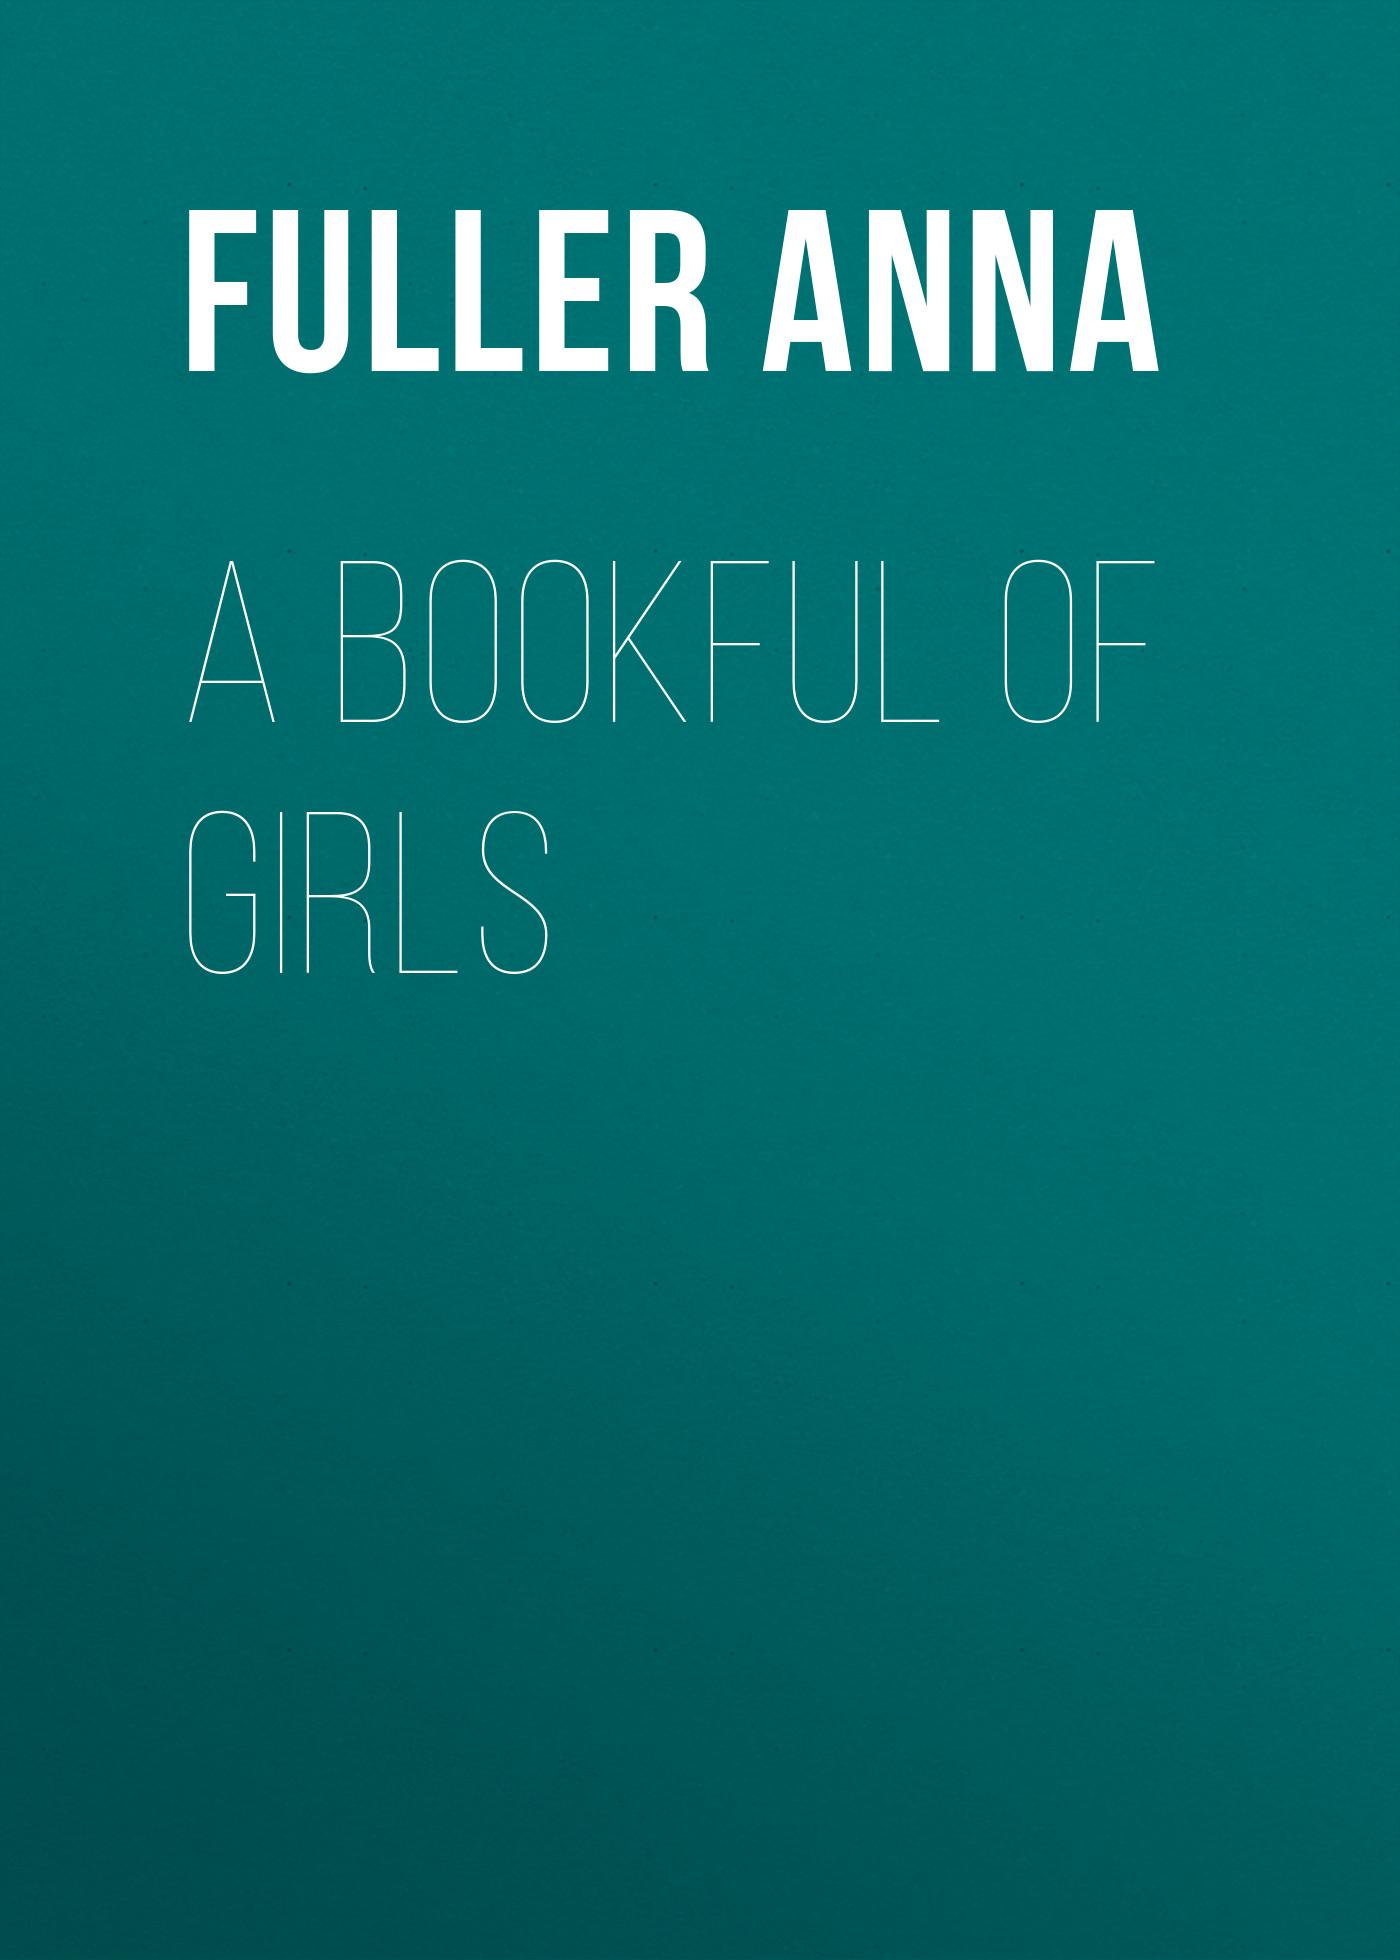 Fuller Anna A Bookful of Girls